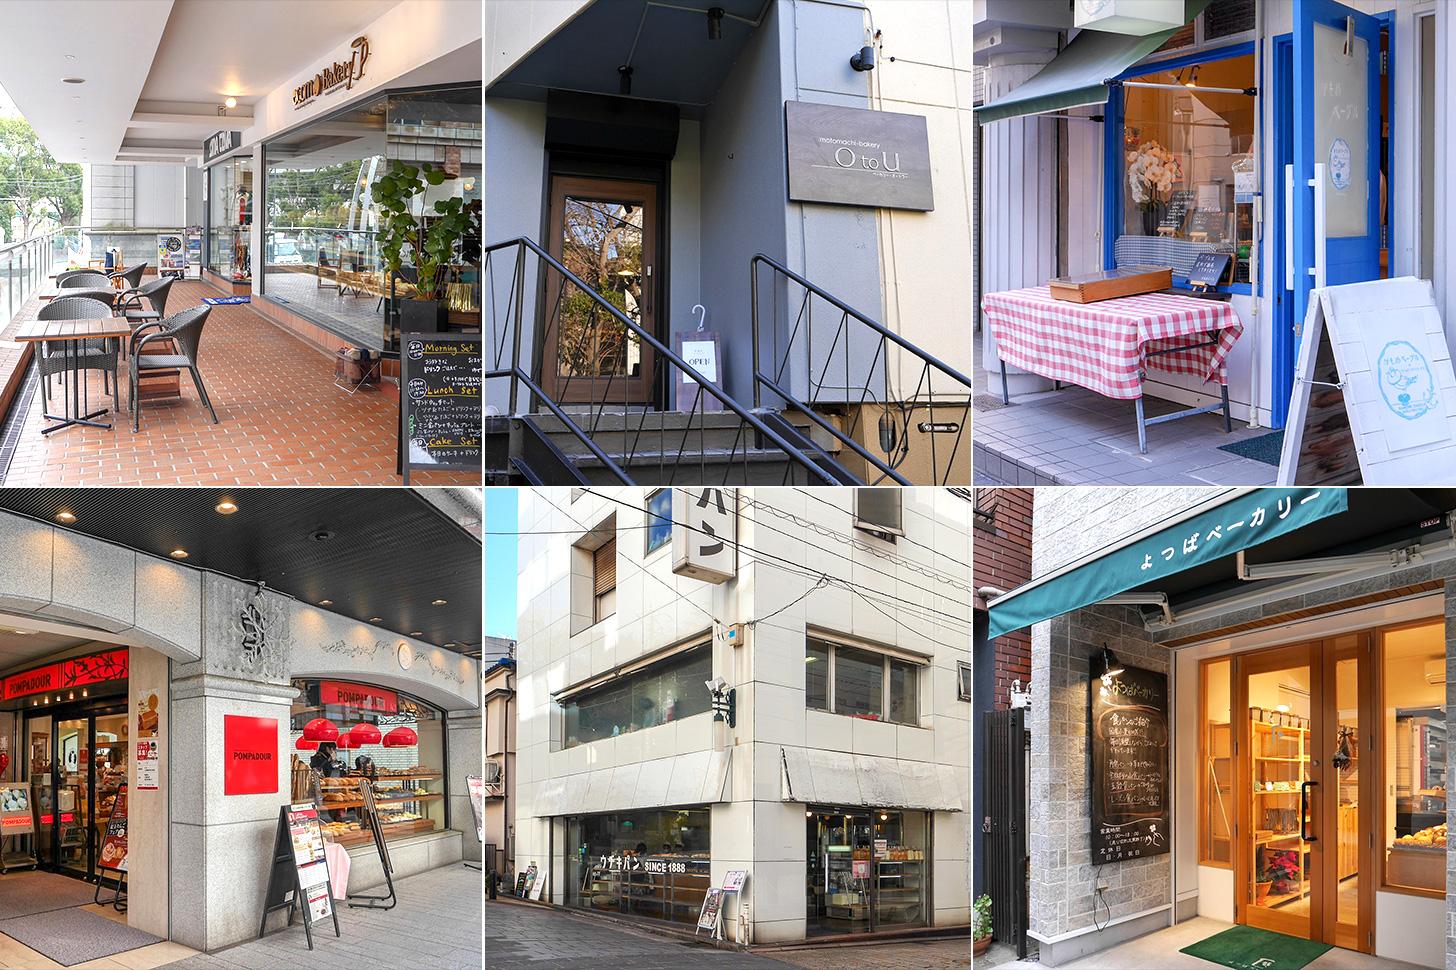 横浜元町 パン屋さん・ベーカリー10店舗まとめ 老舗から最新店舗まで